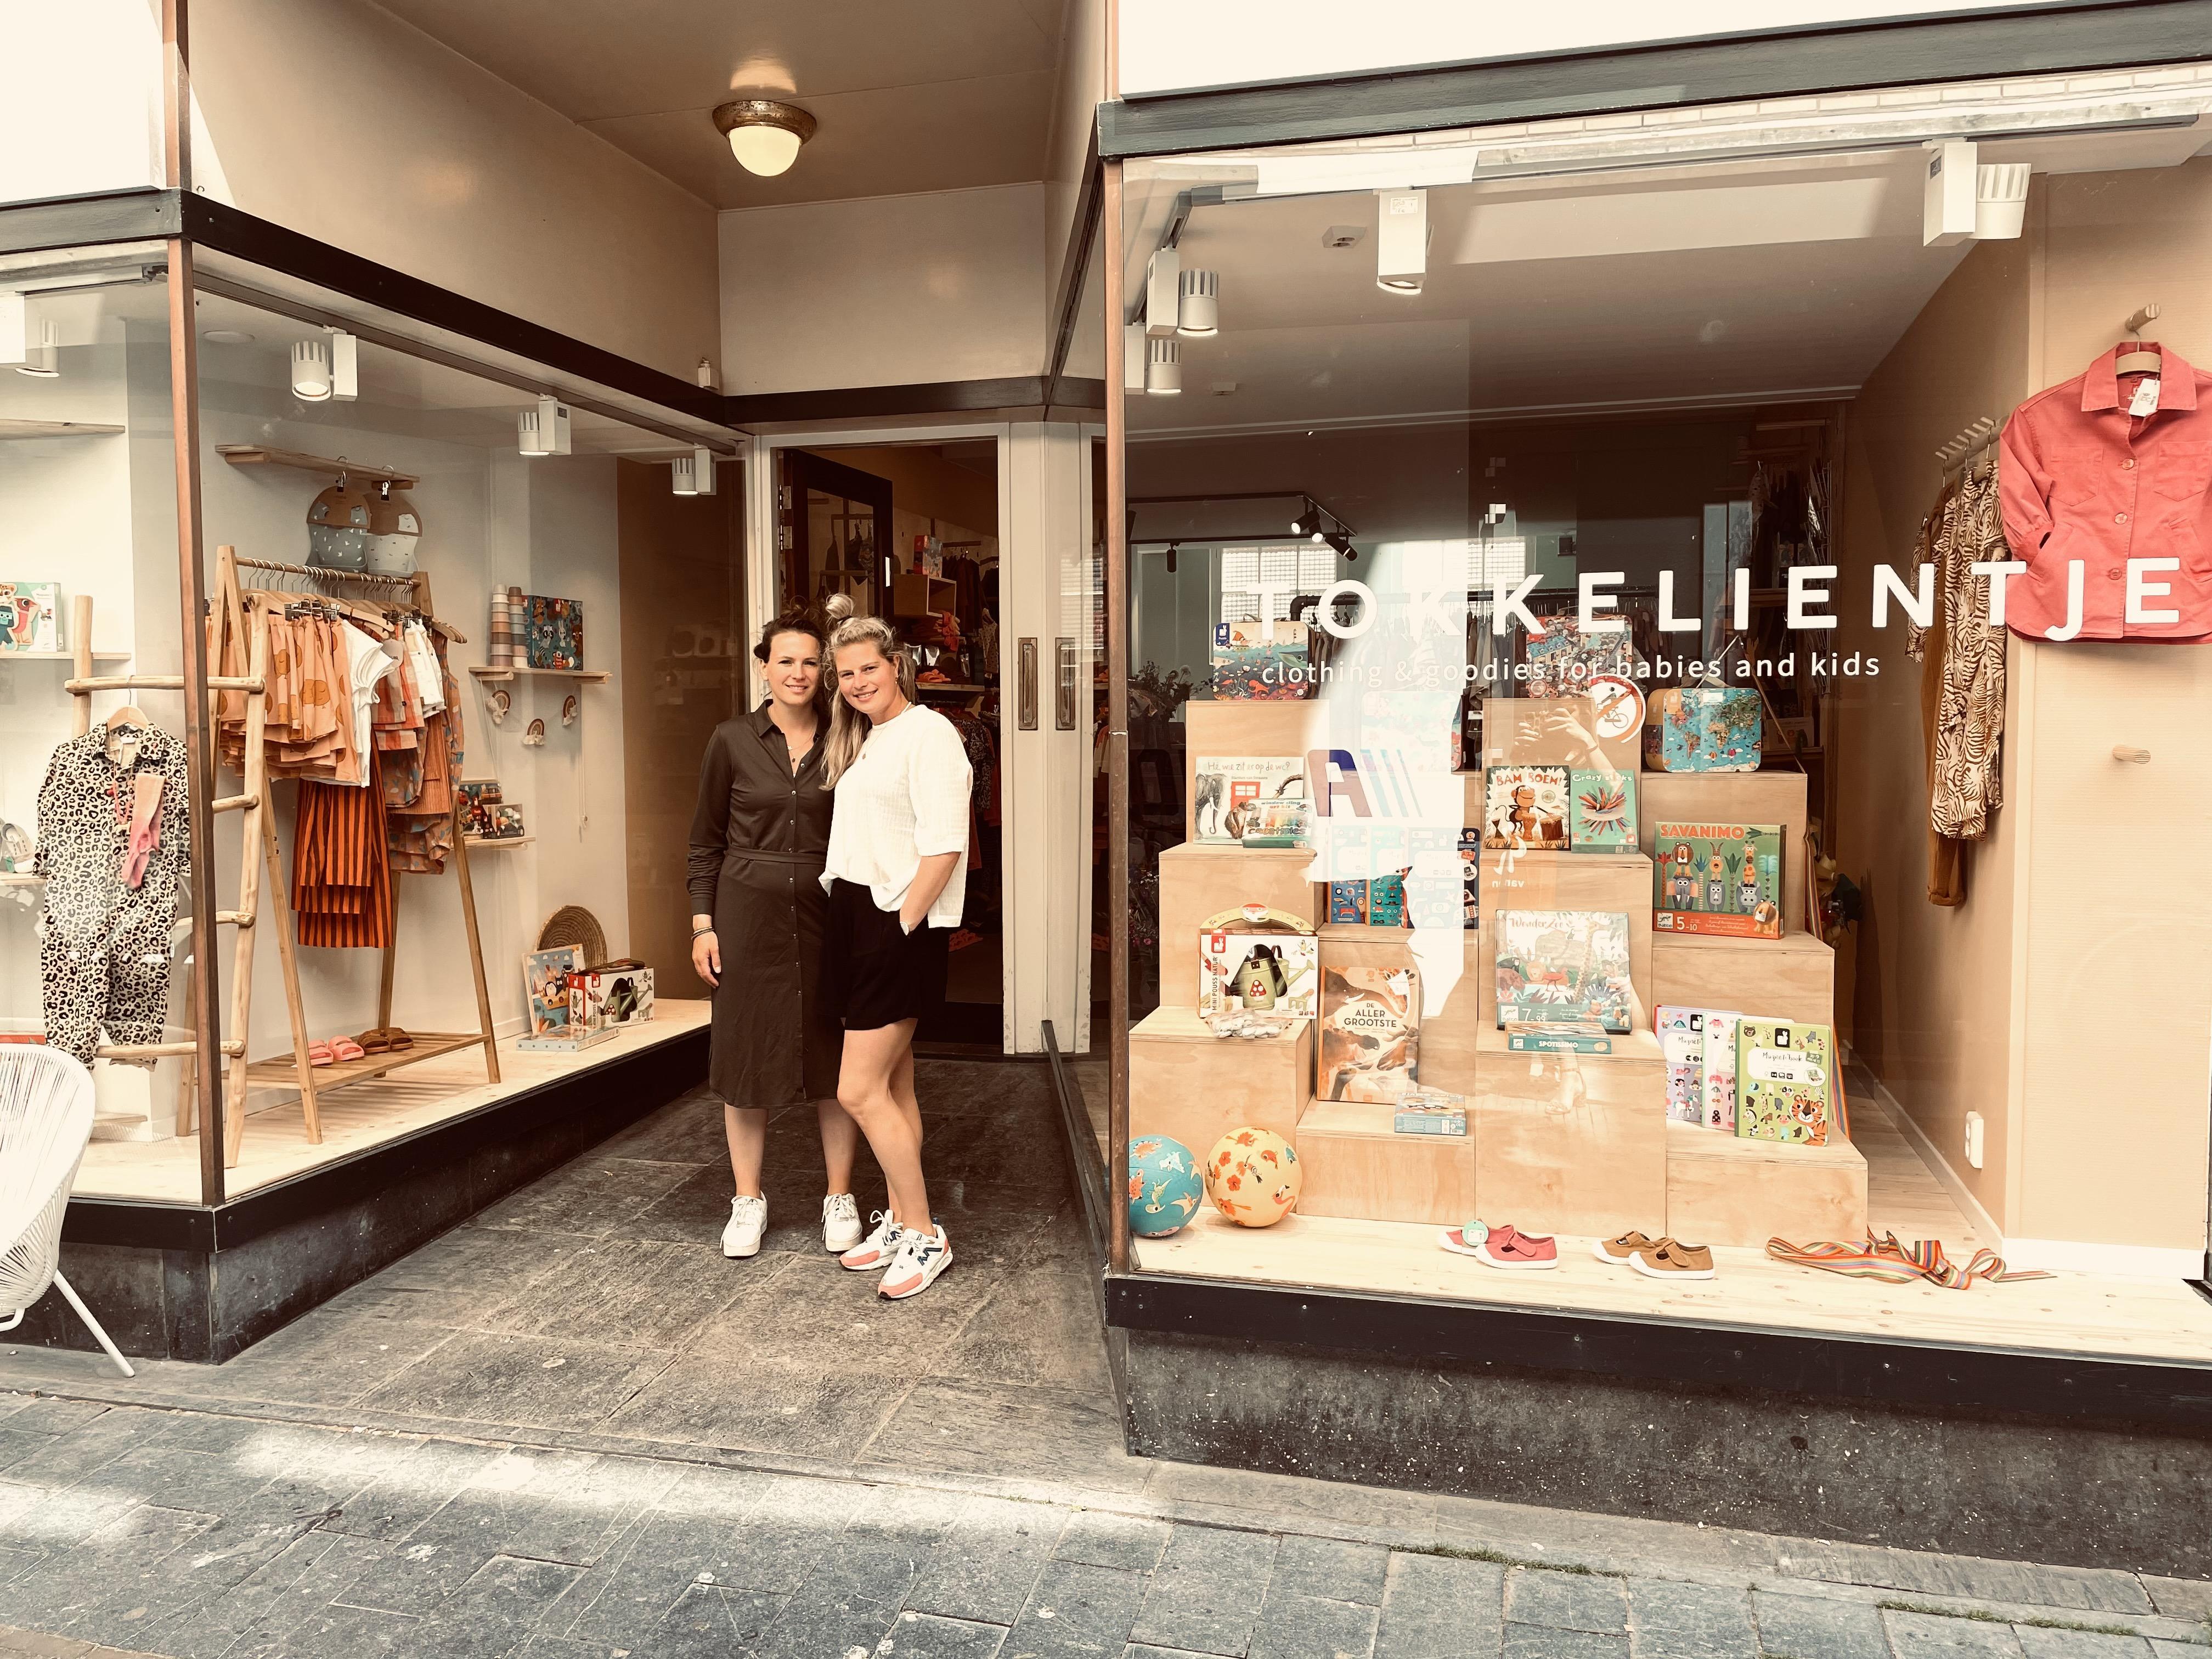 Tokkelientje is verhuisd naar een groter pand in Leiden: 'Deze winkel ligt veel meer in de loop'